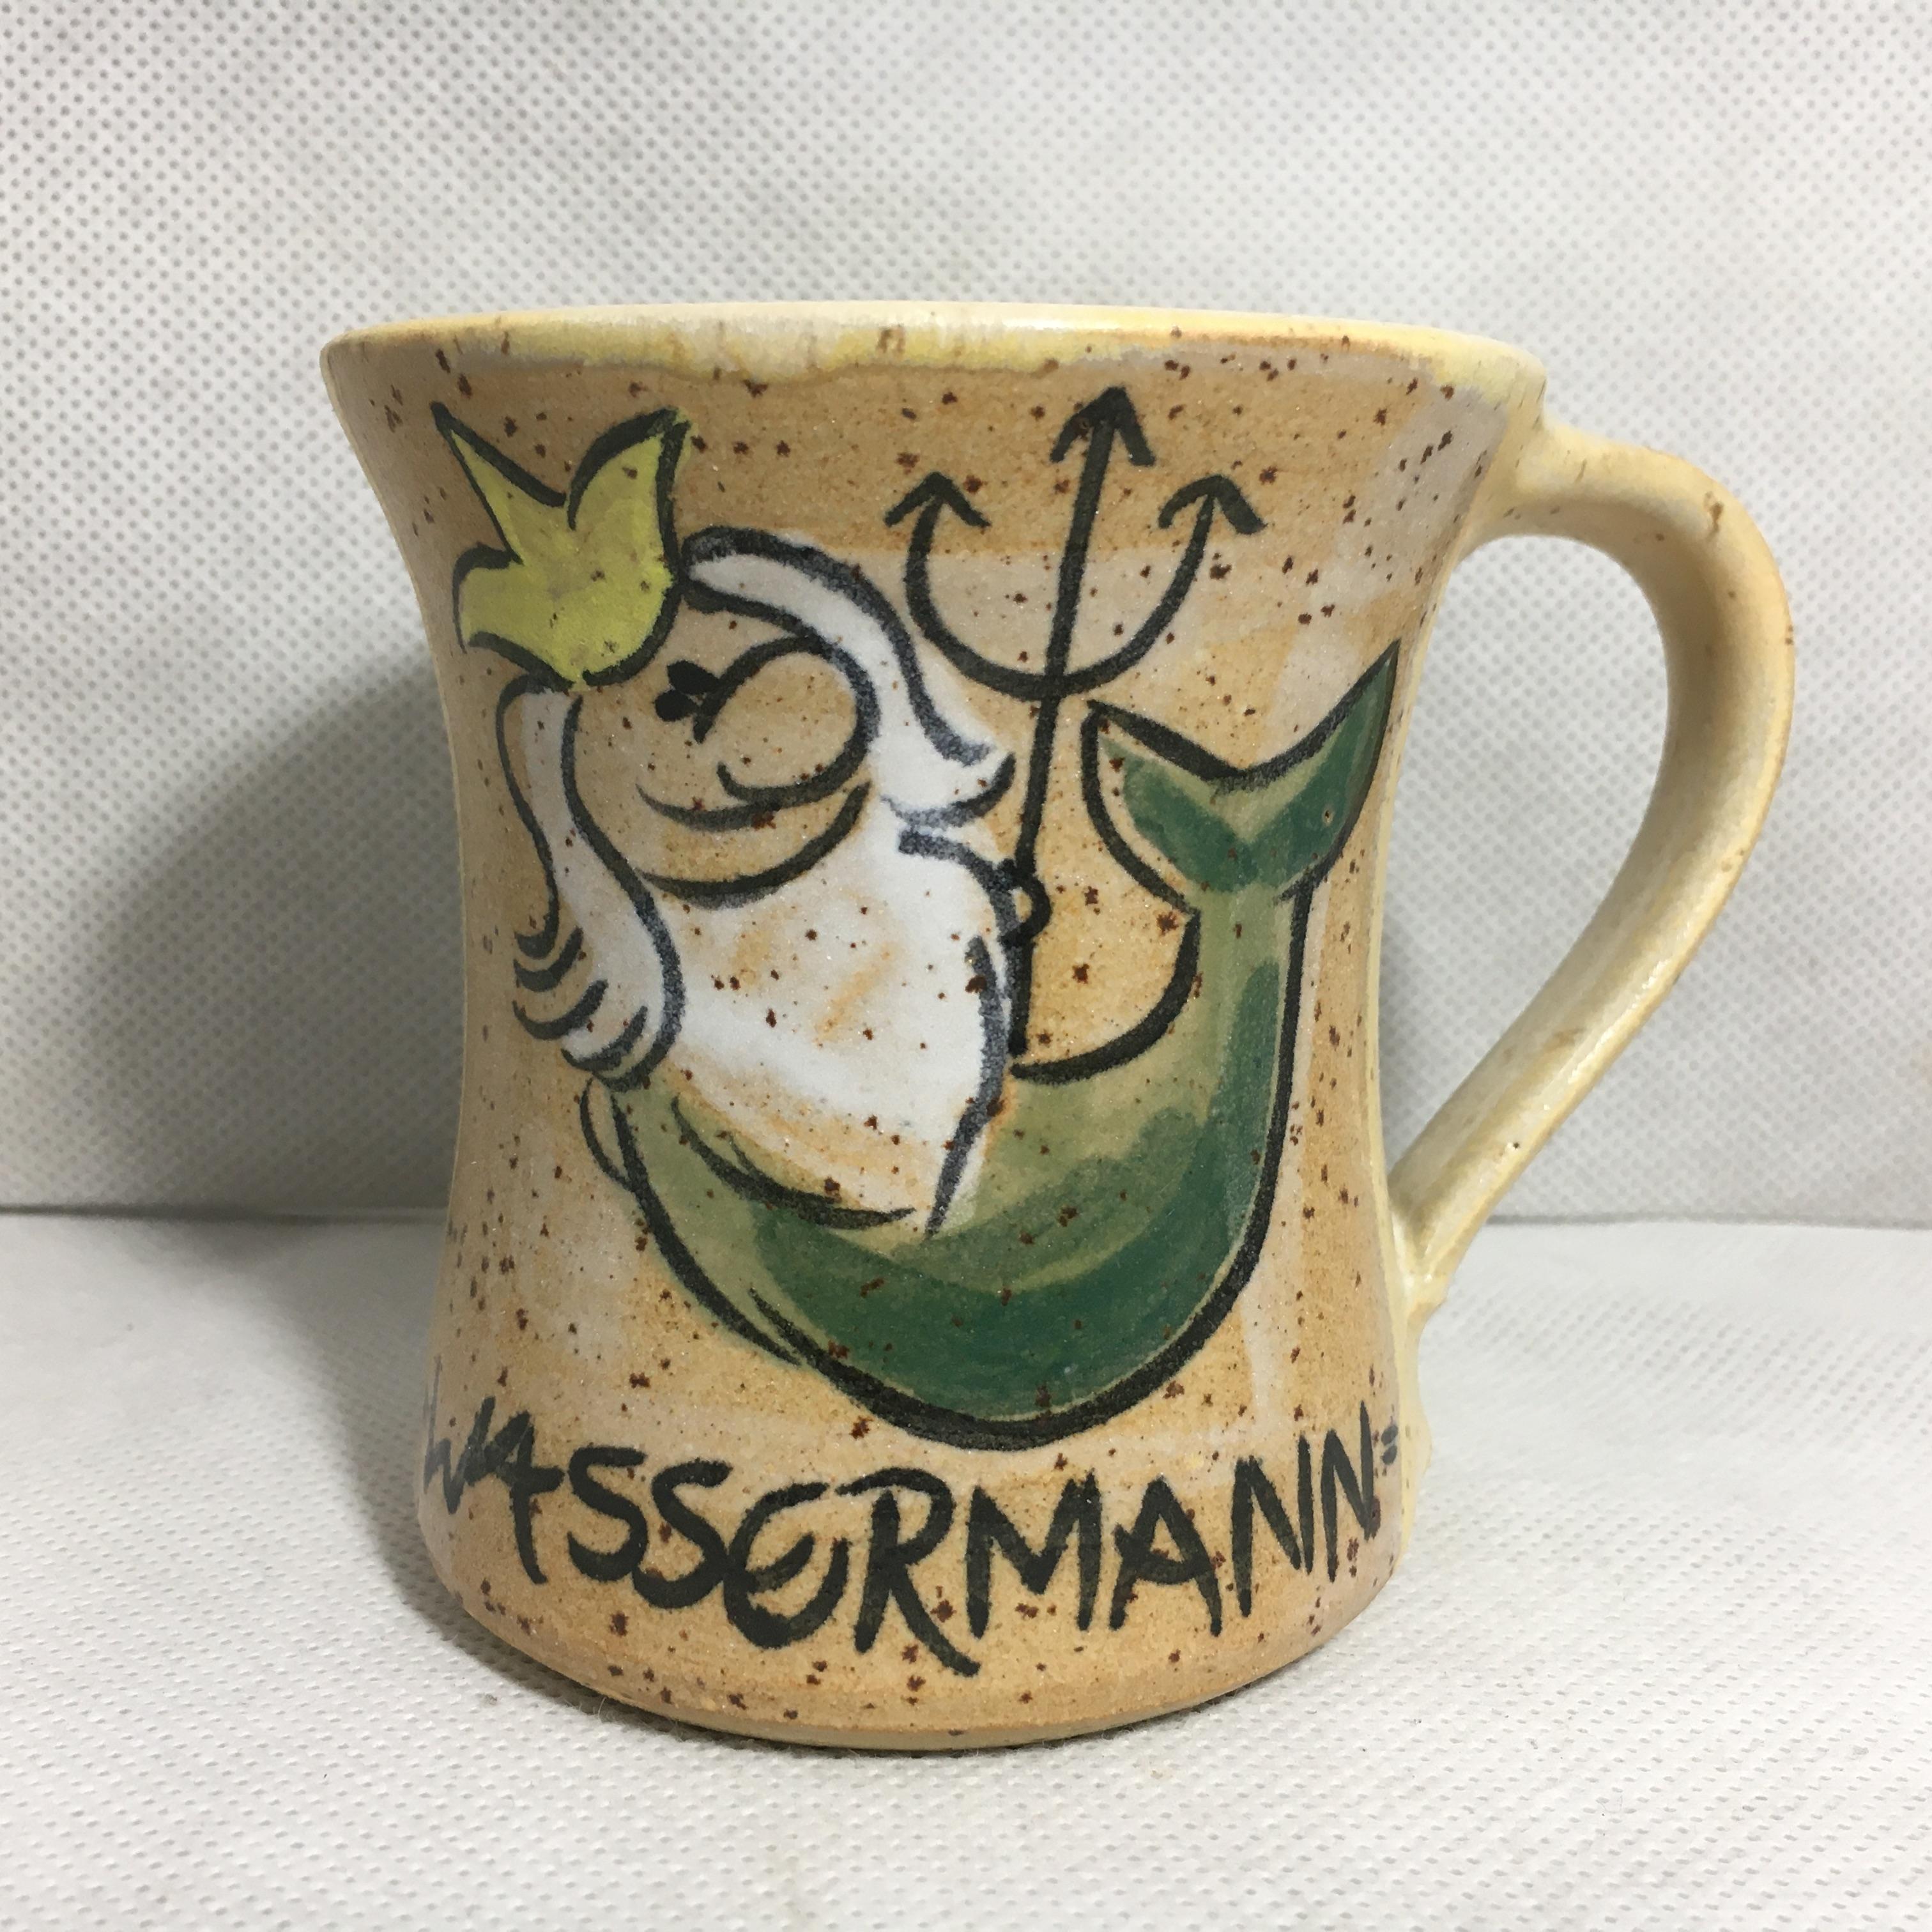 Tasse Wassermann